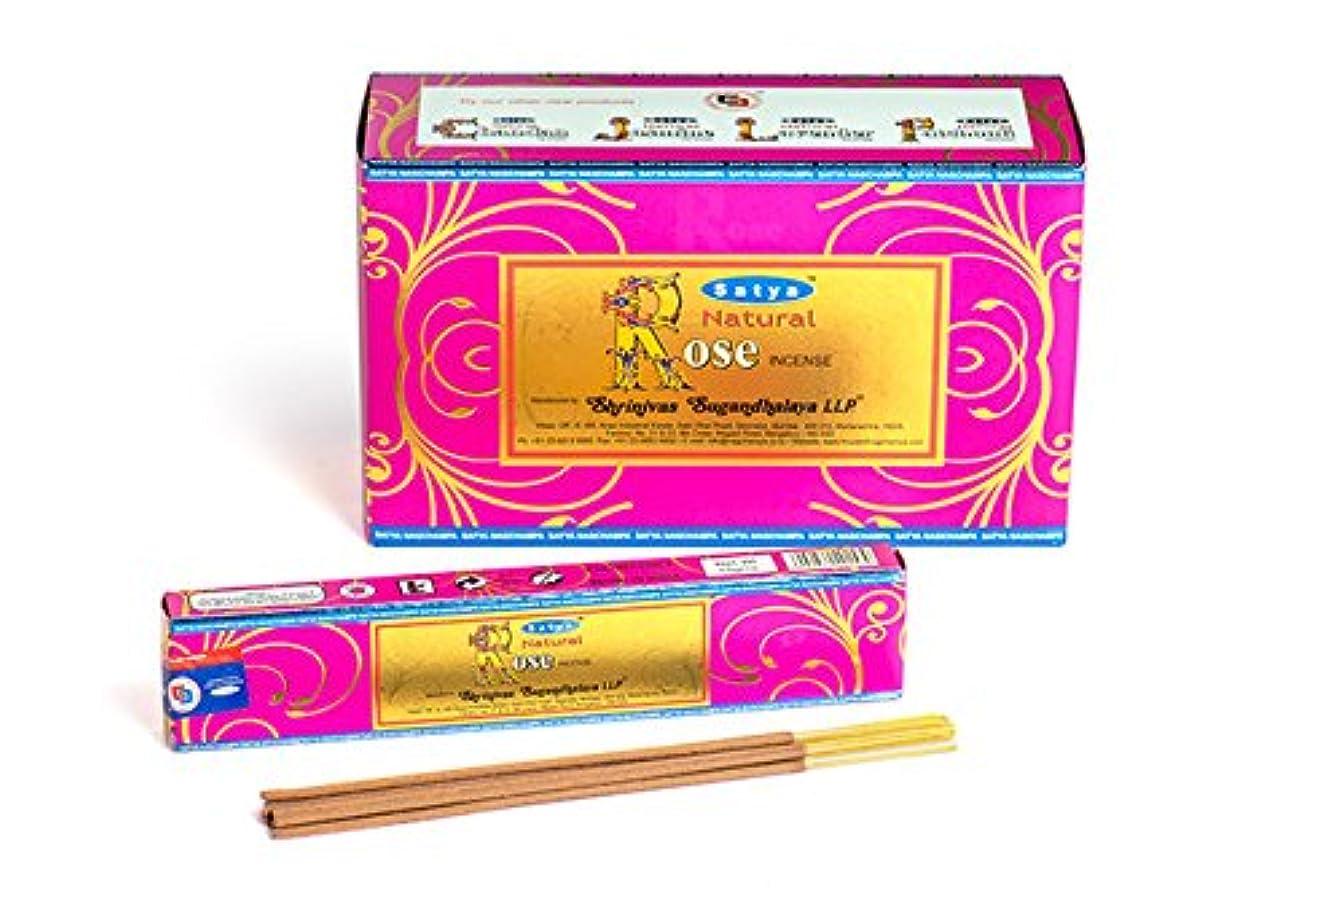 ベーカリー小屋構造的Satya Nag Champa 天然ローズお香スティック Agarbatti 180グラムボックス | 15グラム入り12パック 箱入り | 輸出品質